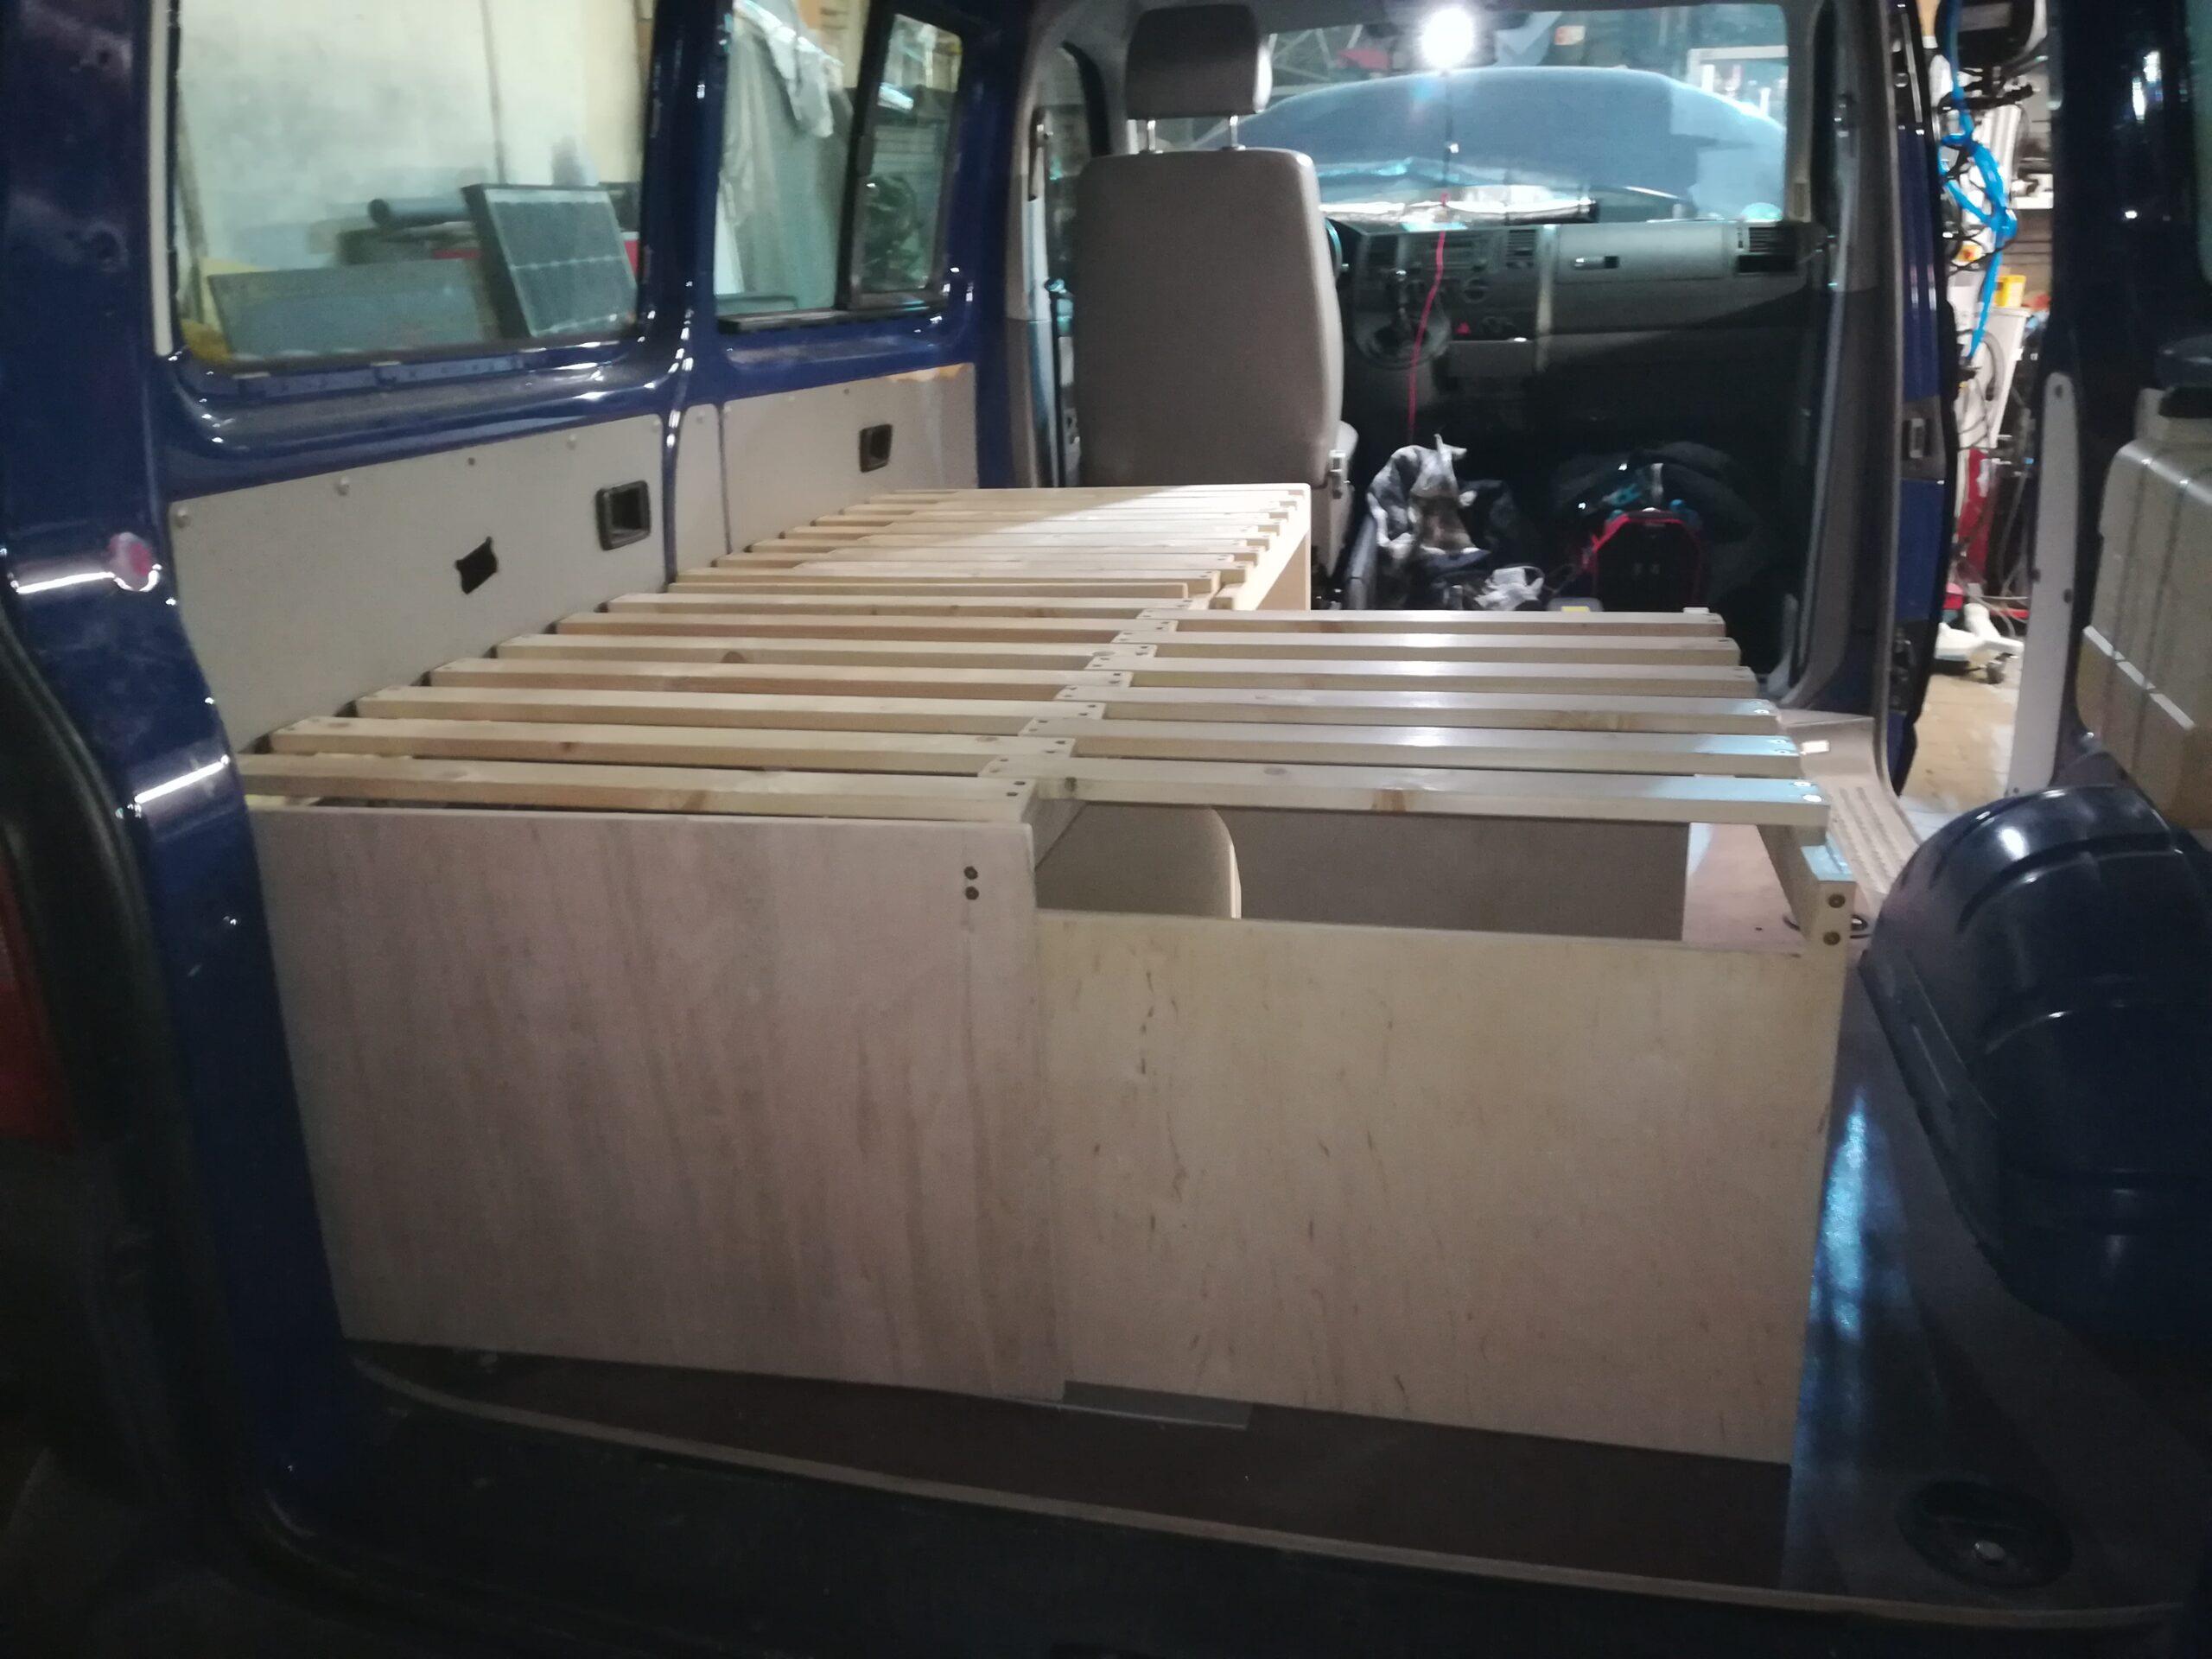 Full Size of Ausziehbett Camper Vw T5 Vascos Campervan Wohnmobil Service Bett Mit Wohnzimmer Ausziehbett Camper